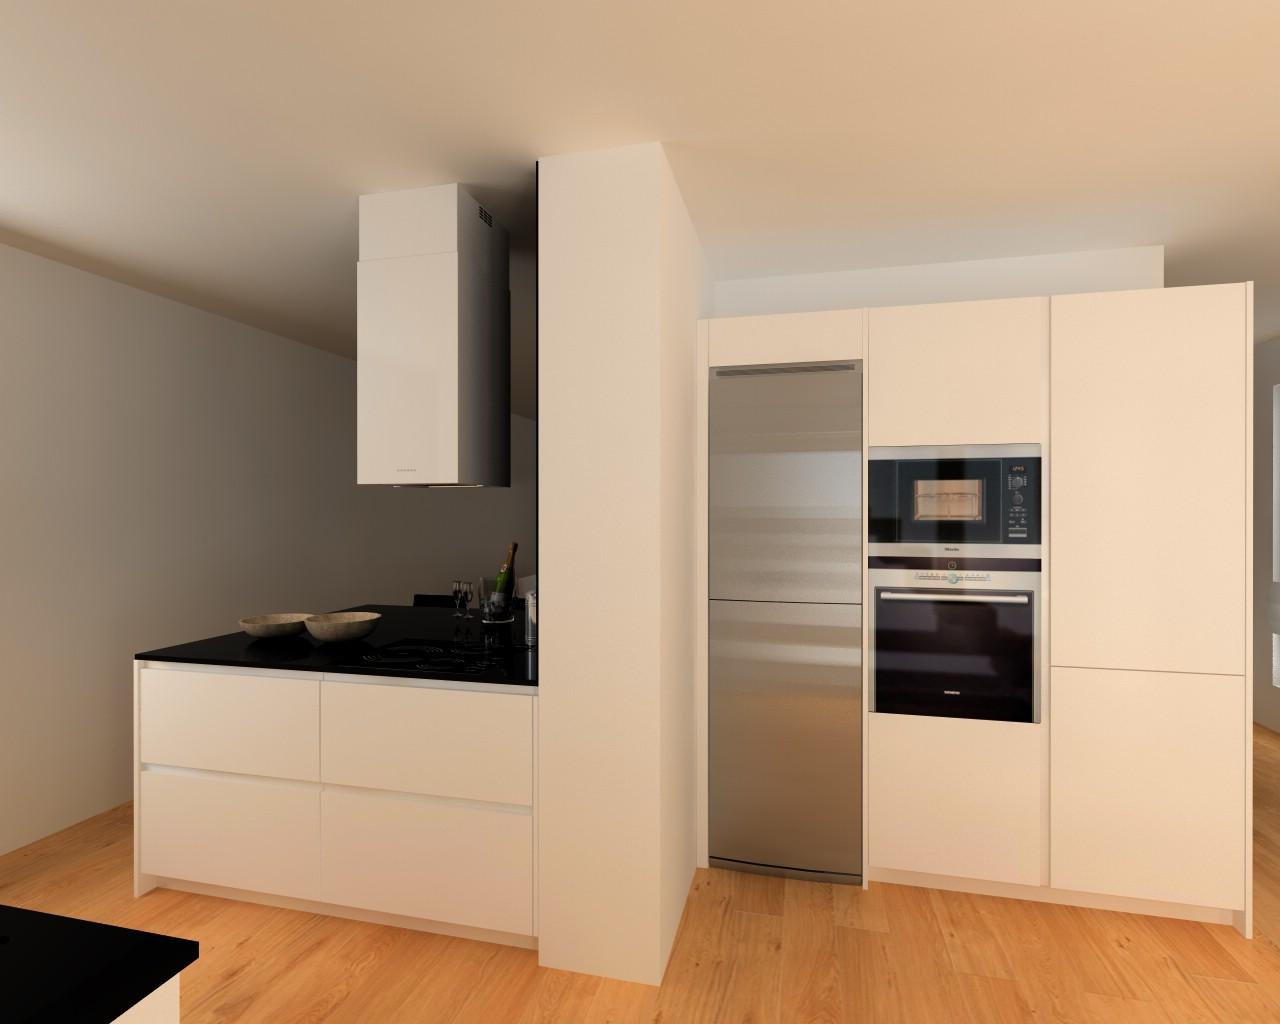 Madrid cocina santos modelo line l encimera granito - Docrys cocinas ...